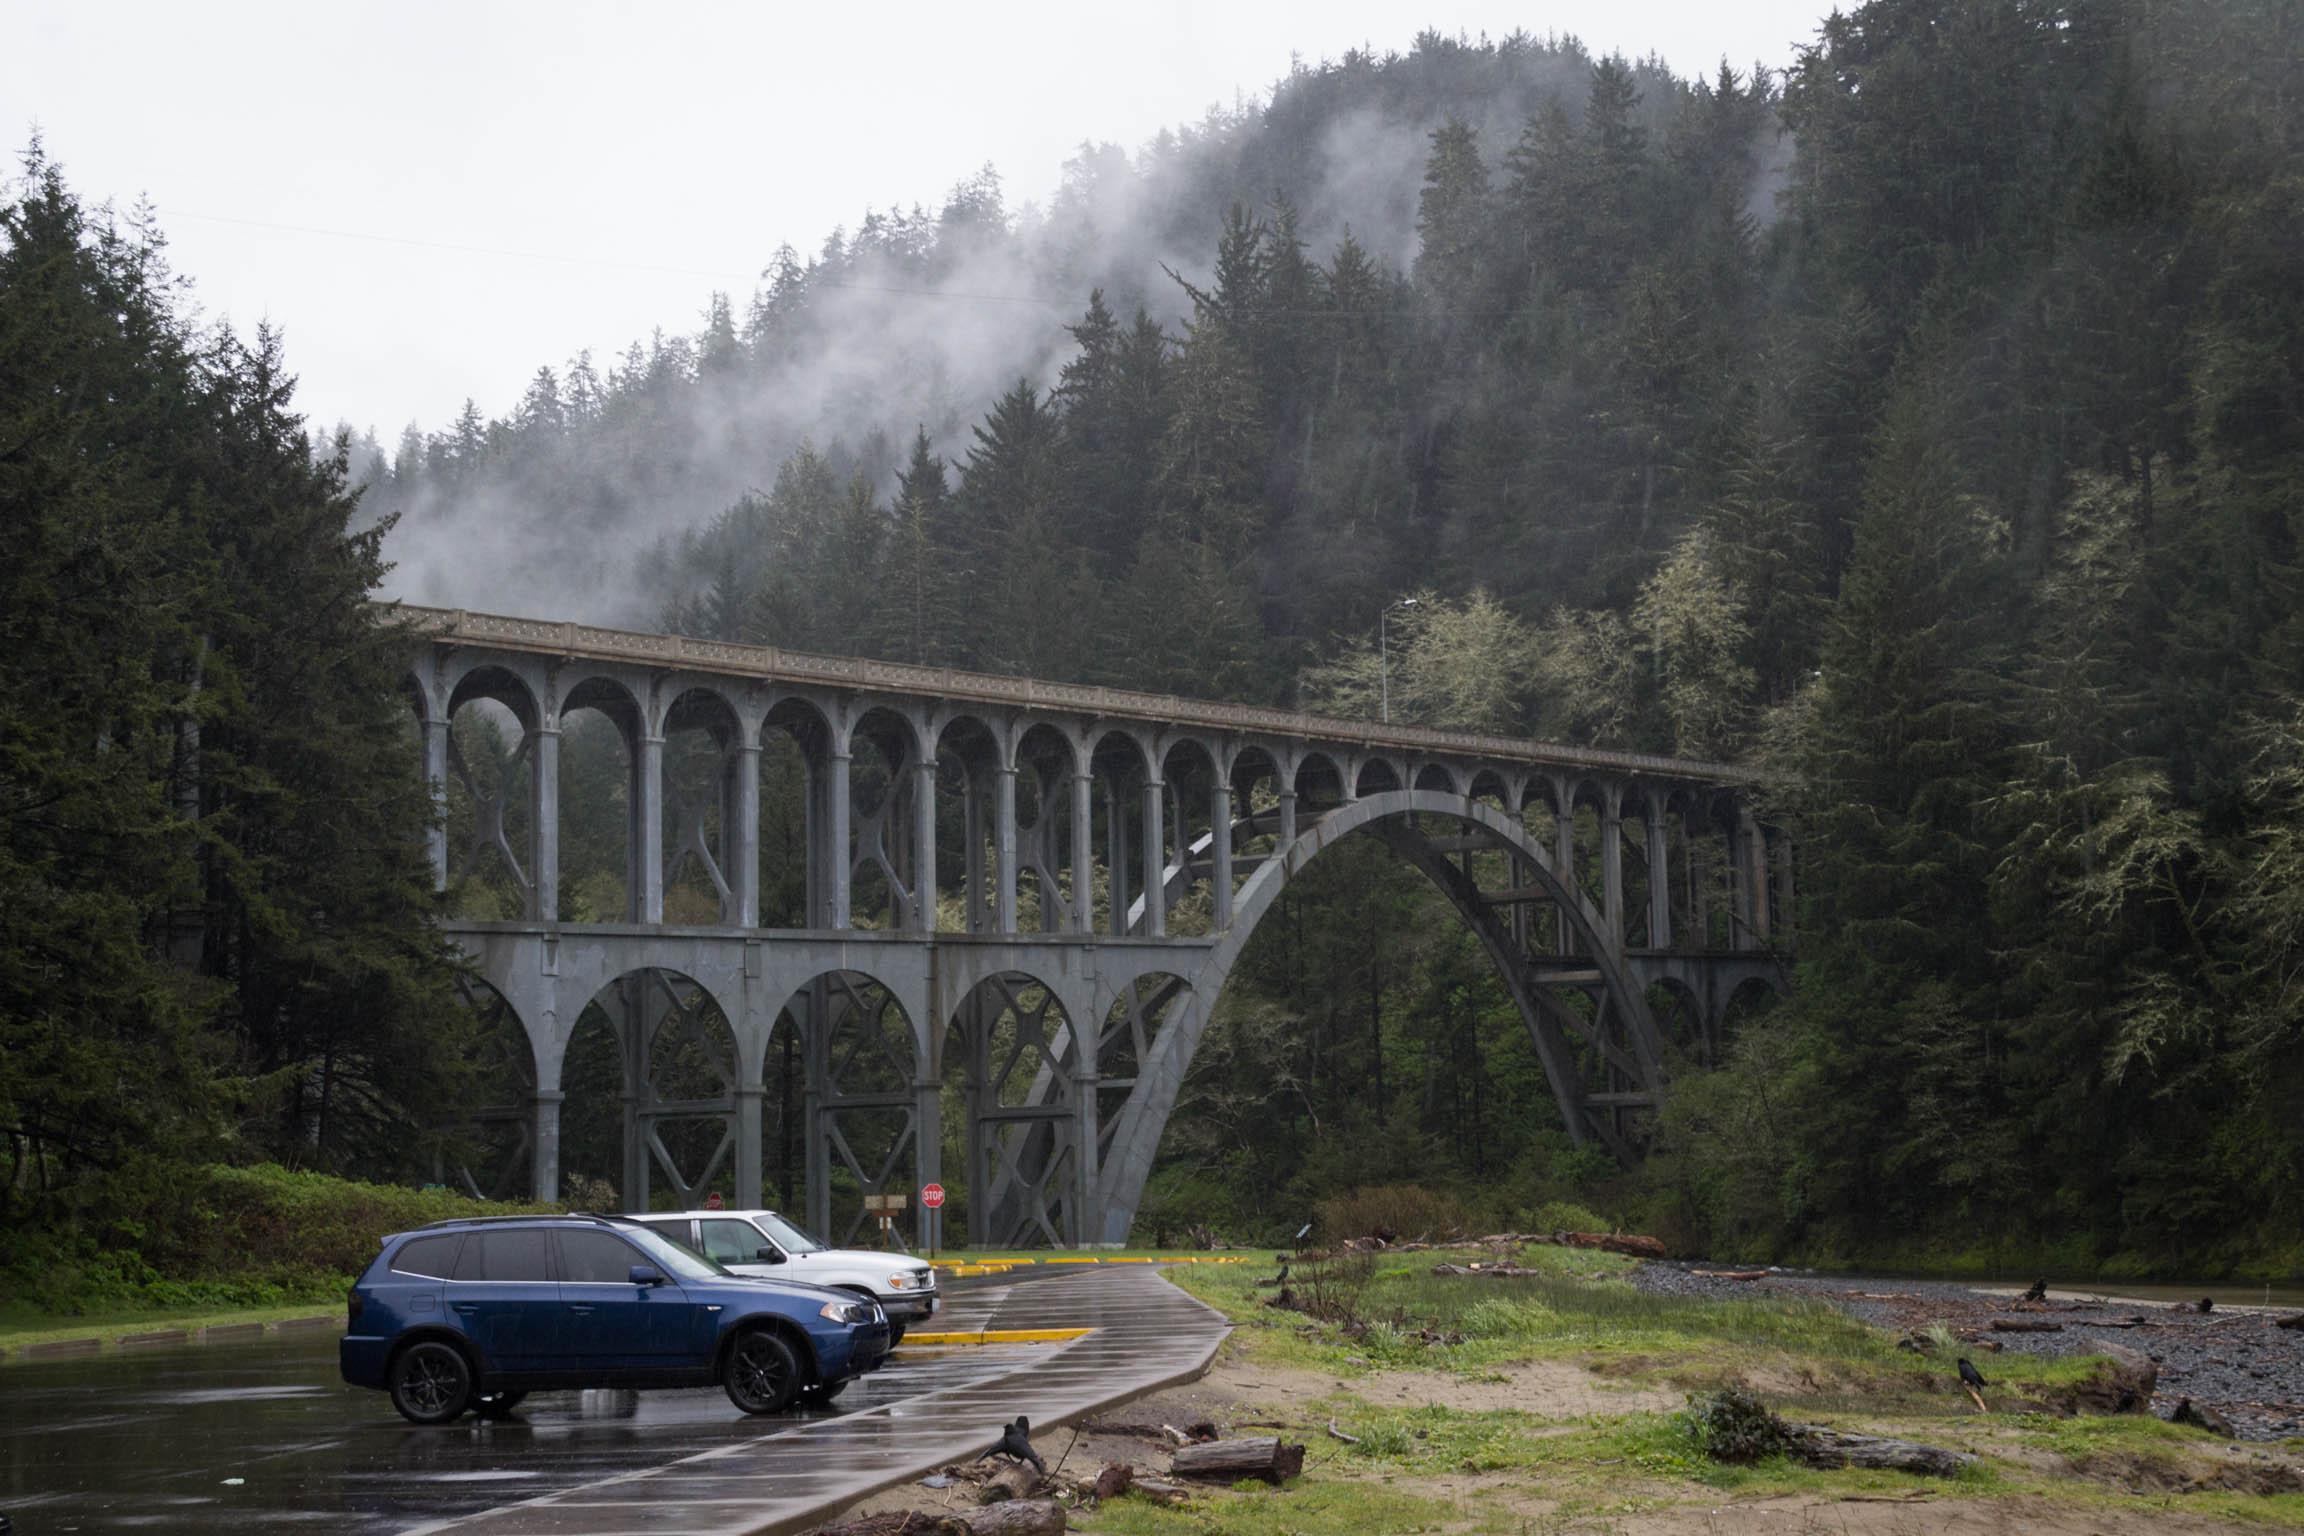 [ROAD TRIP USA 2017] Le long de la route 101 en Oregon